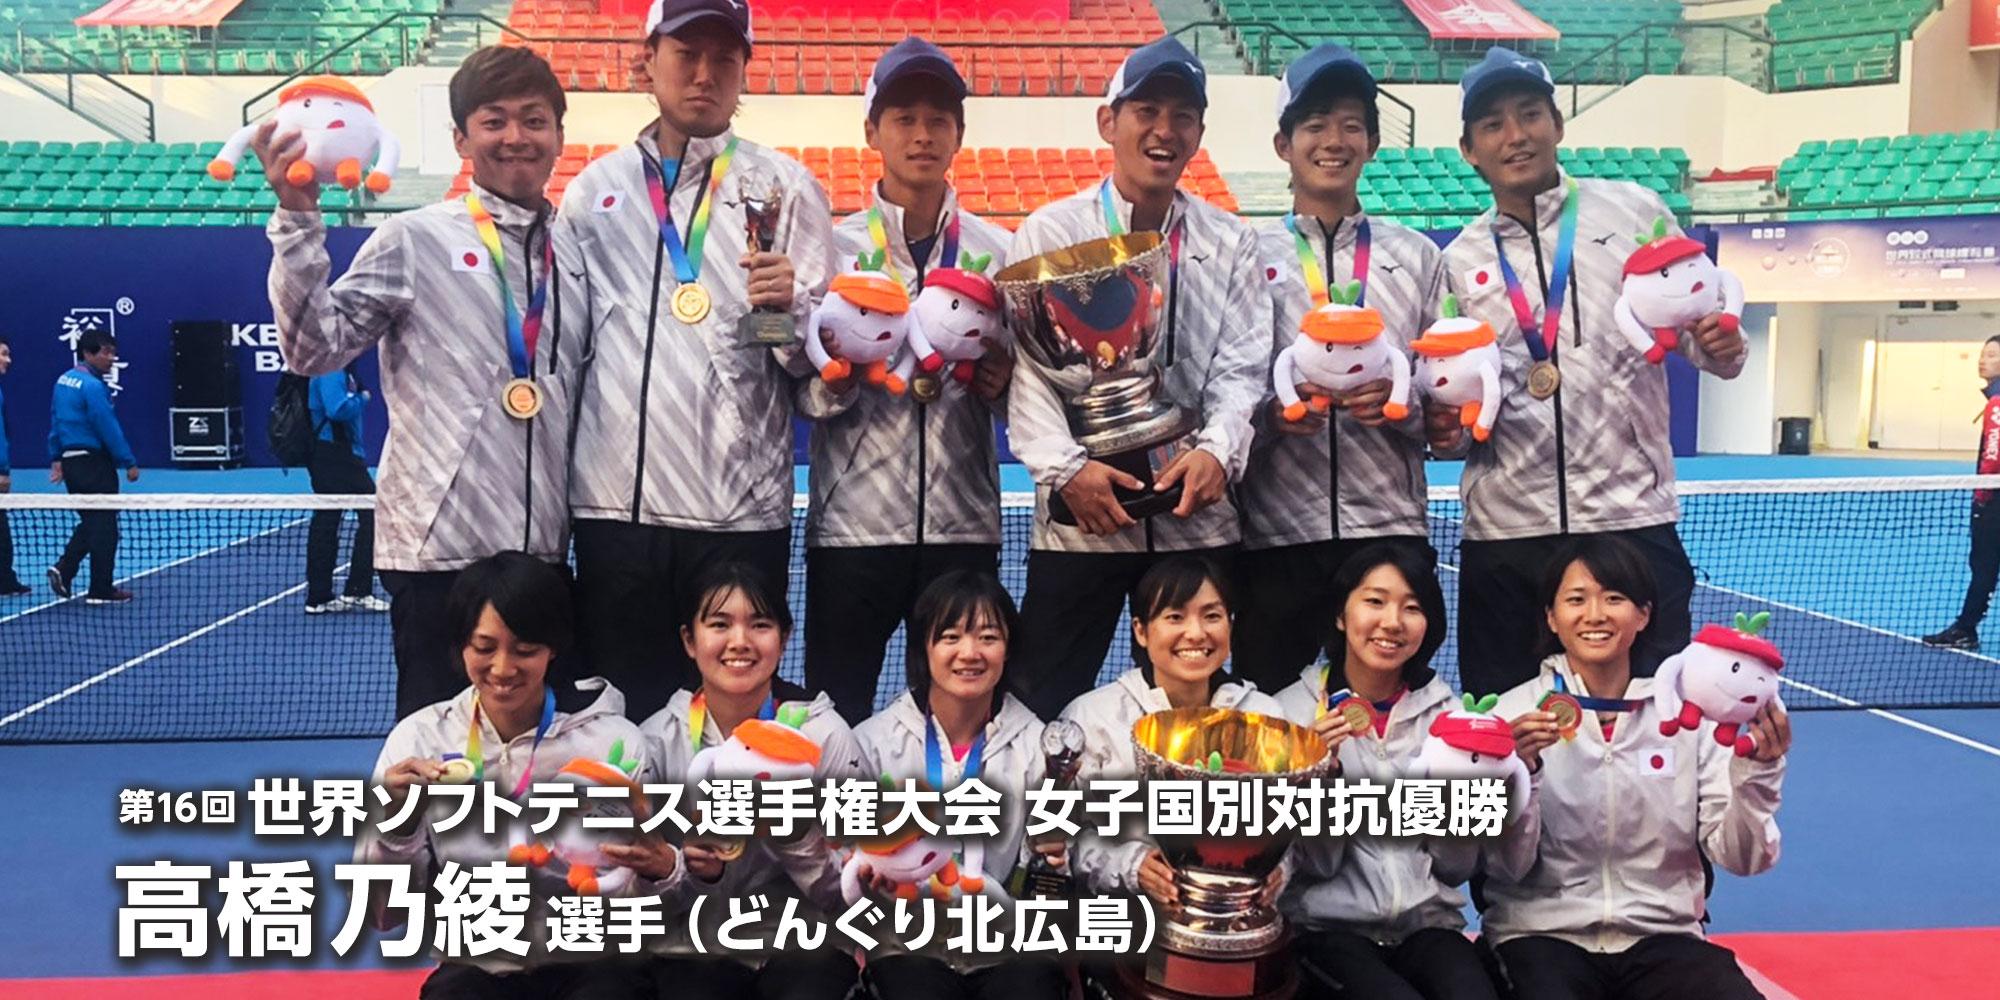 岩手県ソフトテニス連盟